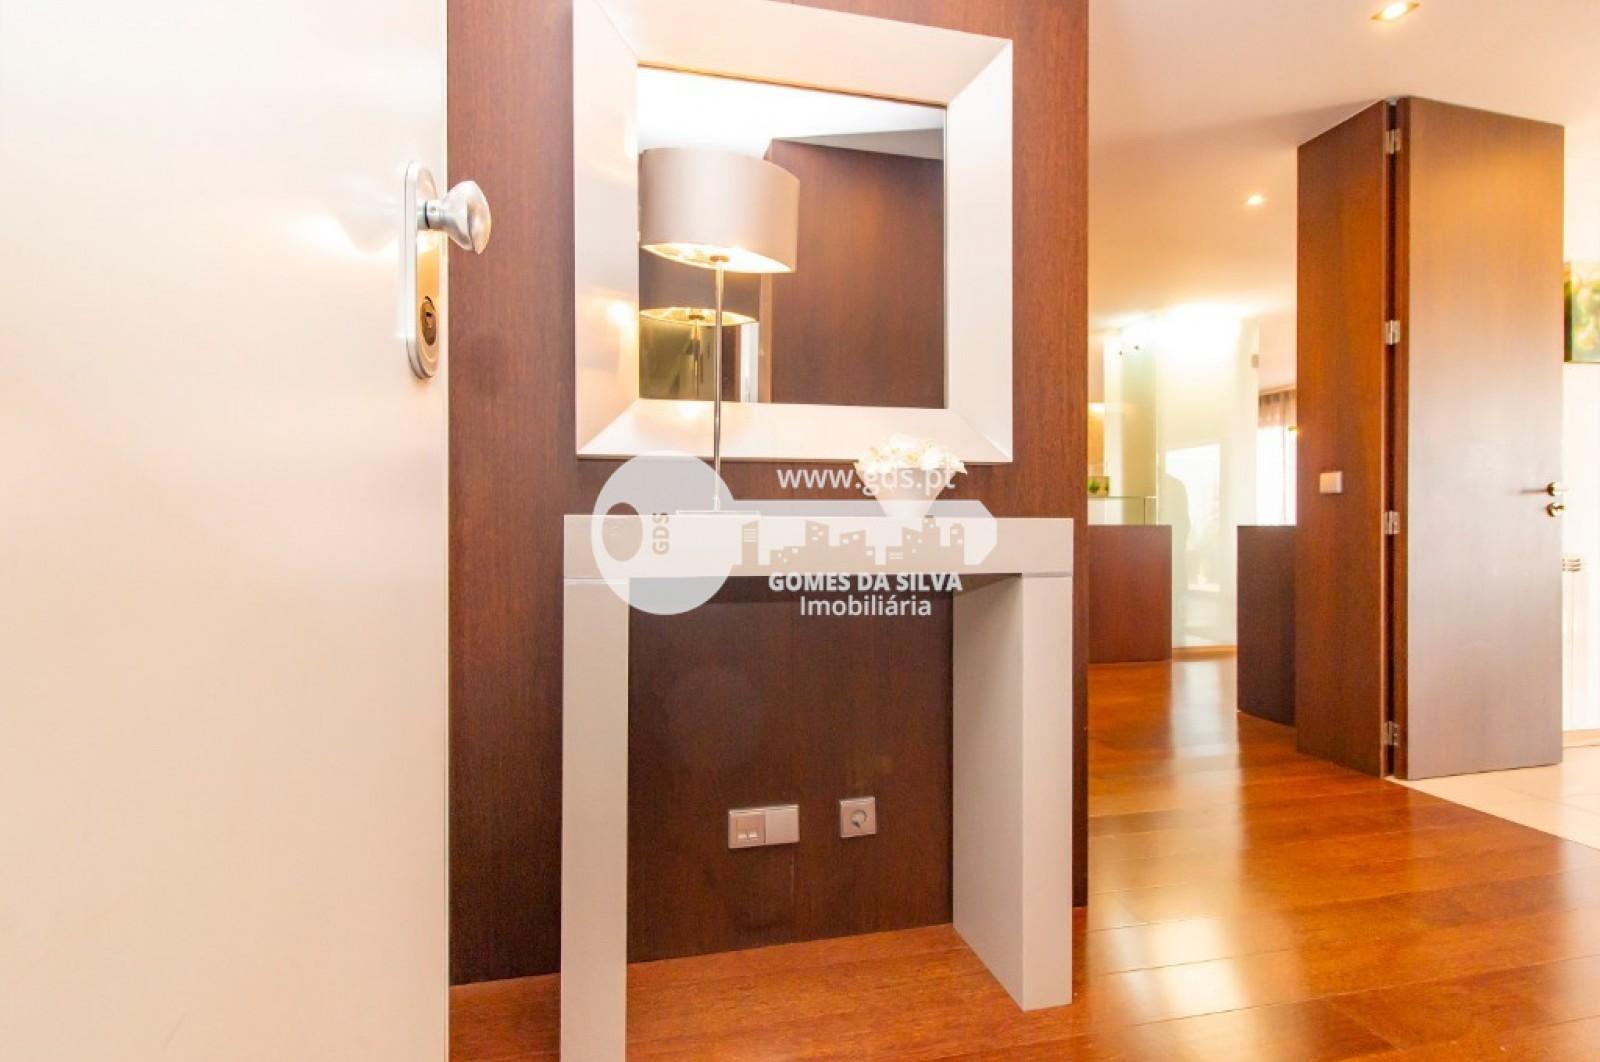 Apartamento T3 para Venda em Nogueira, Fraião e Lamaçães, Braga, Braga - Imagem 7